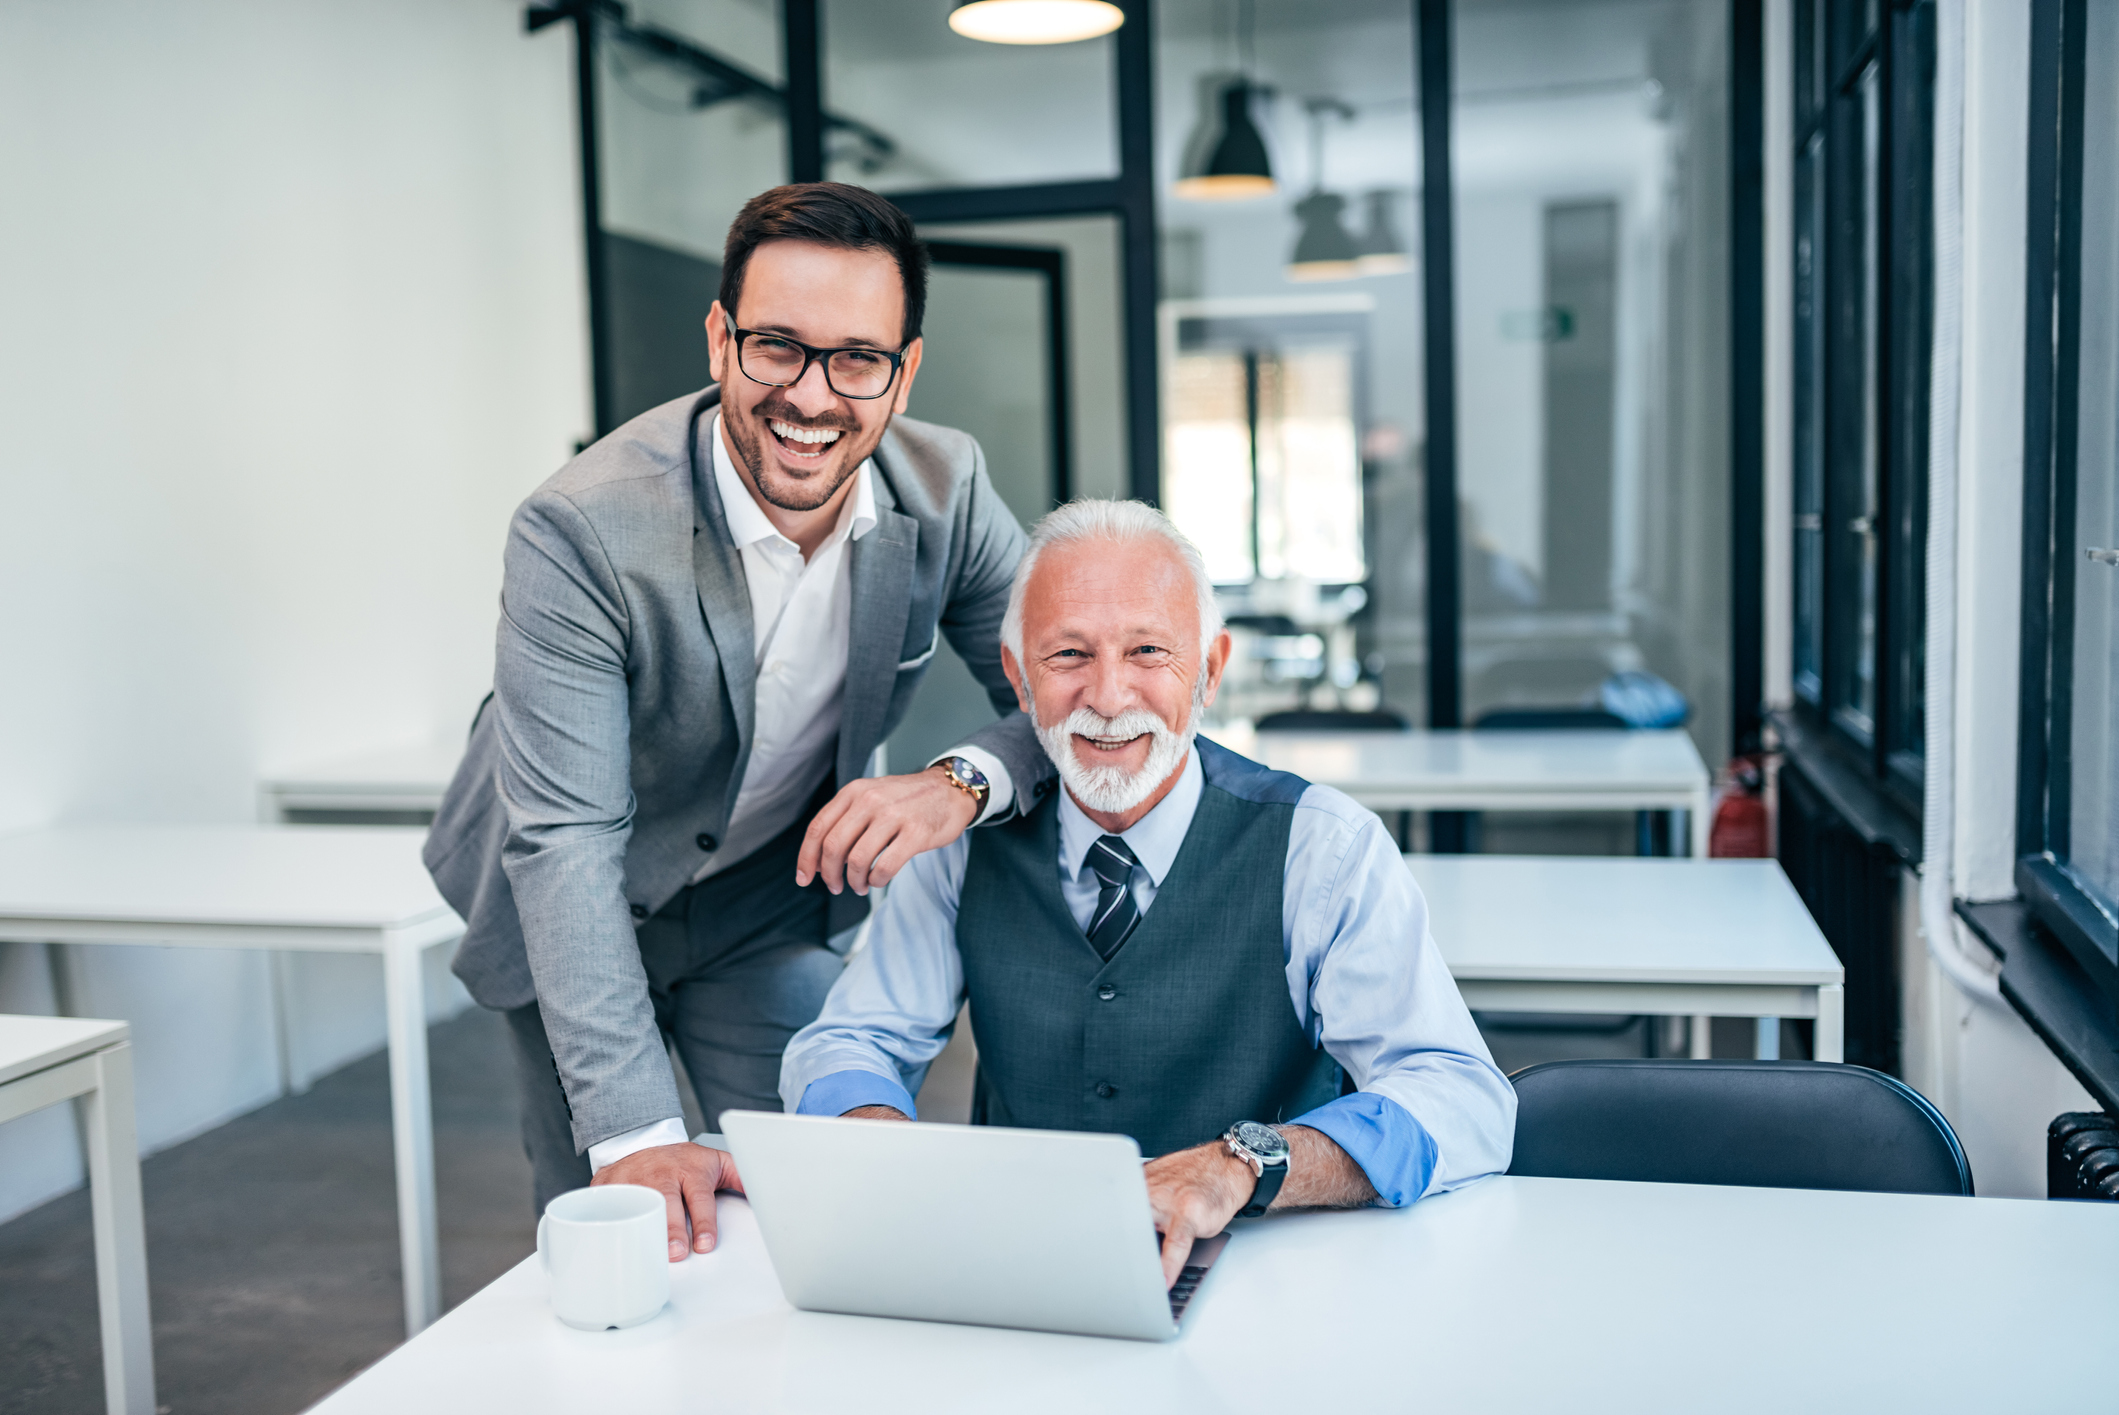 Qué ventajas tiene para la empresa contratar a mayores de 45 años? |  HRTRENDS